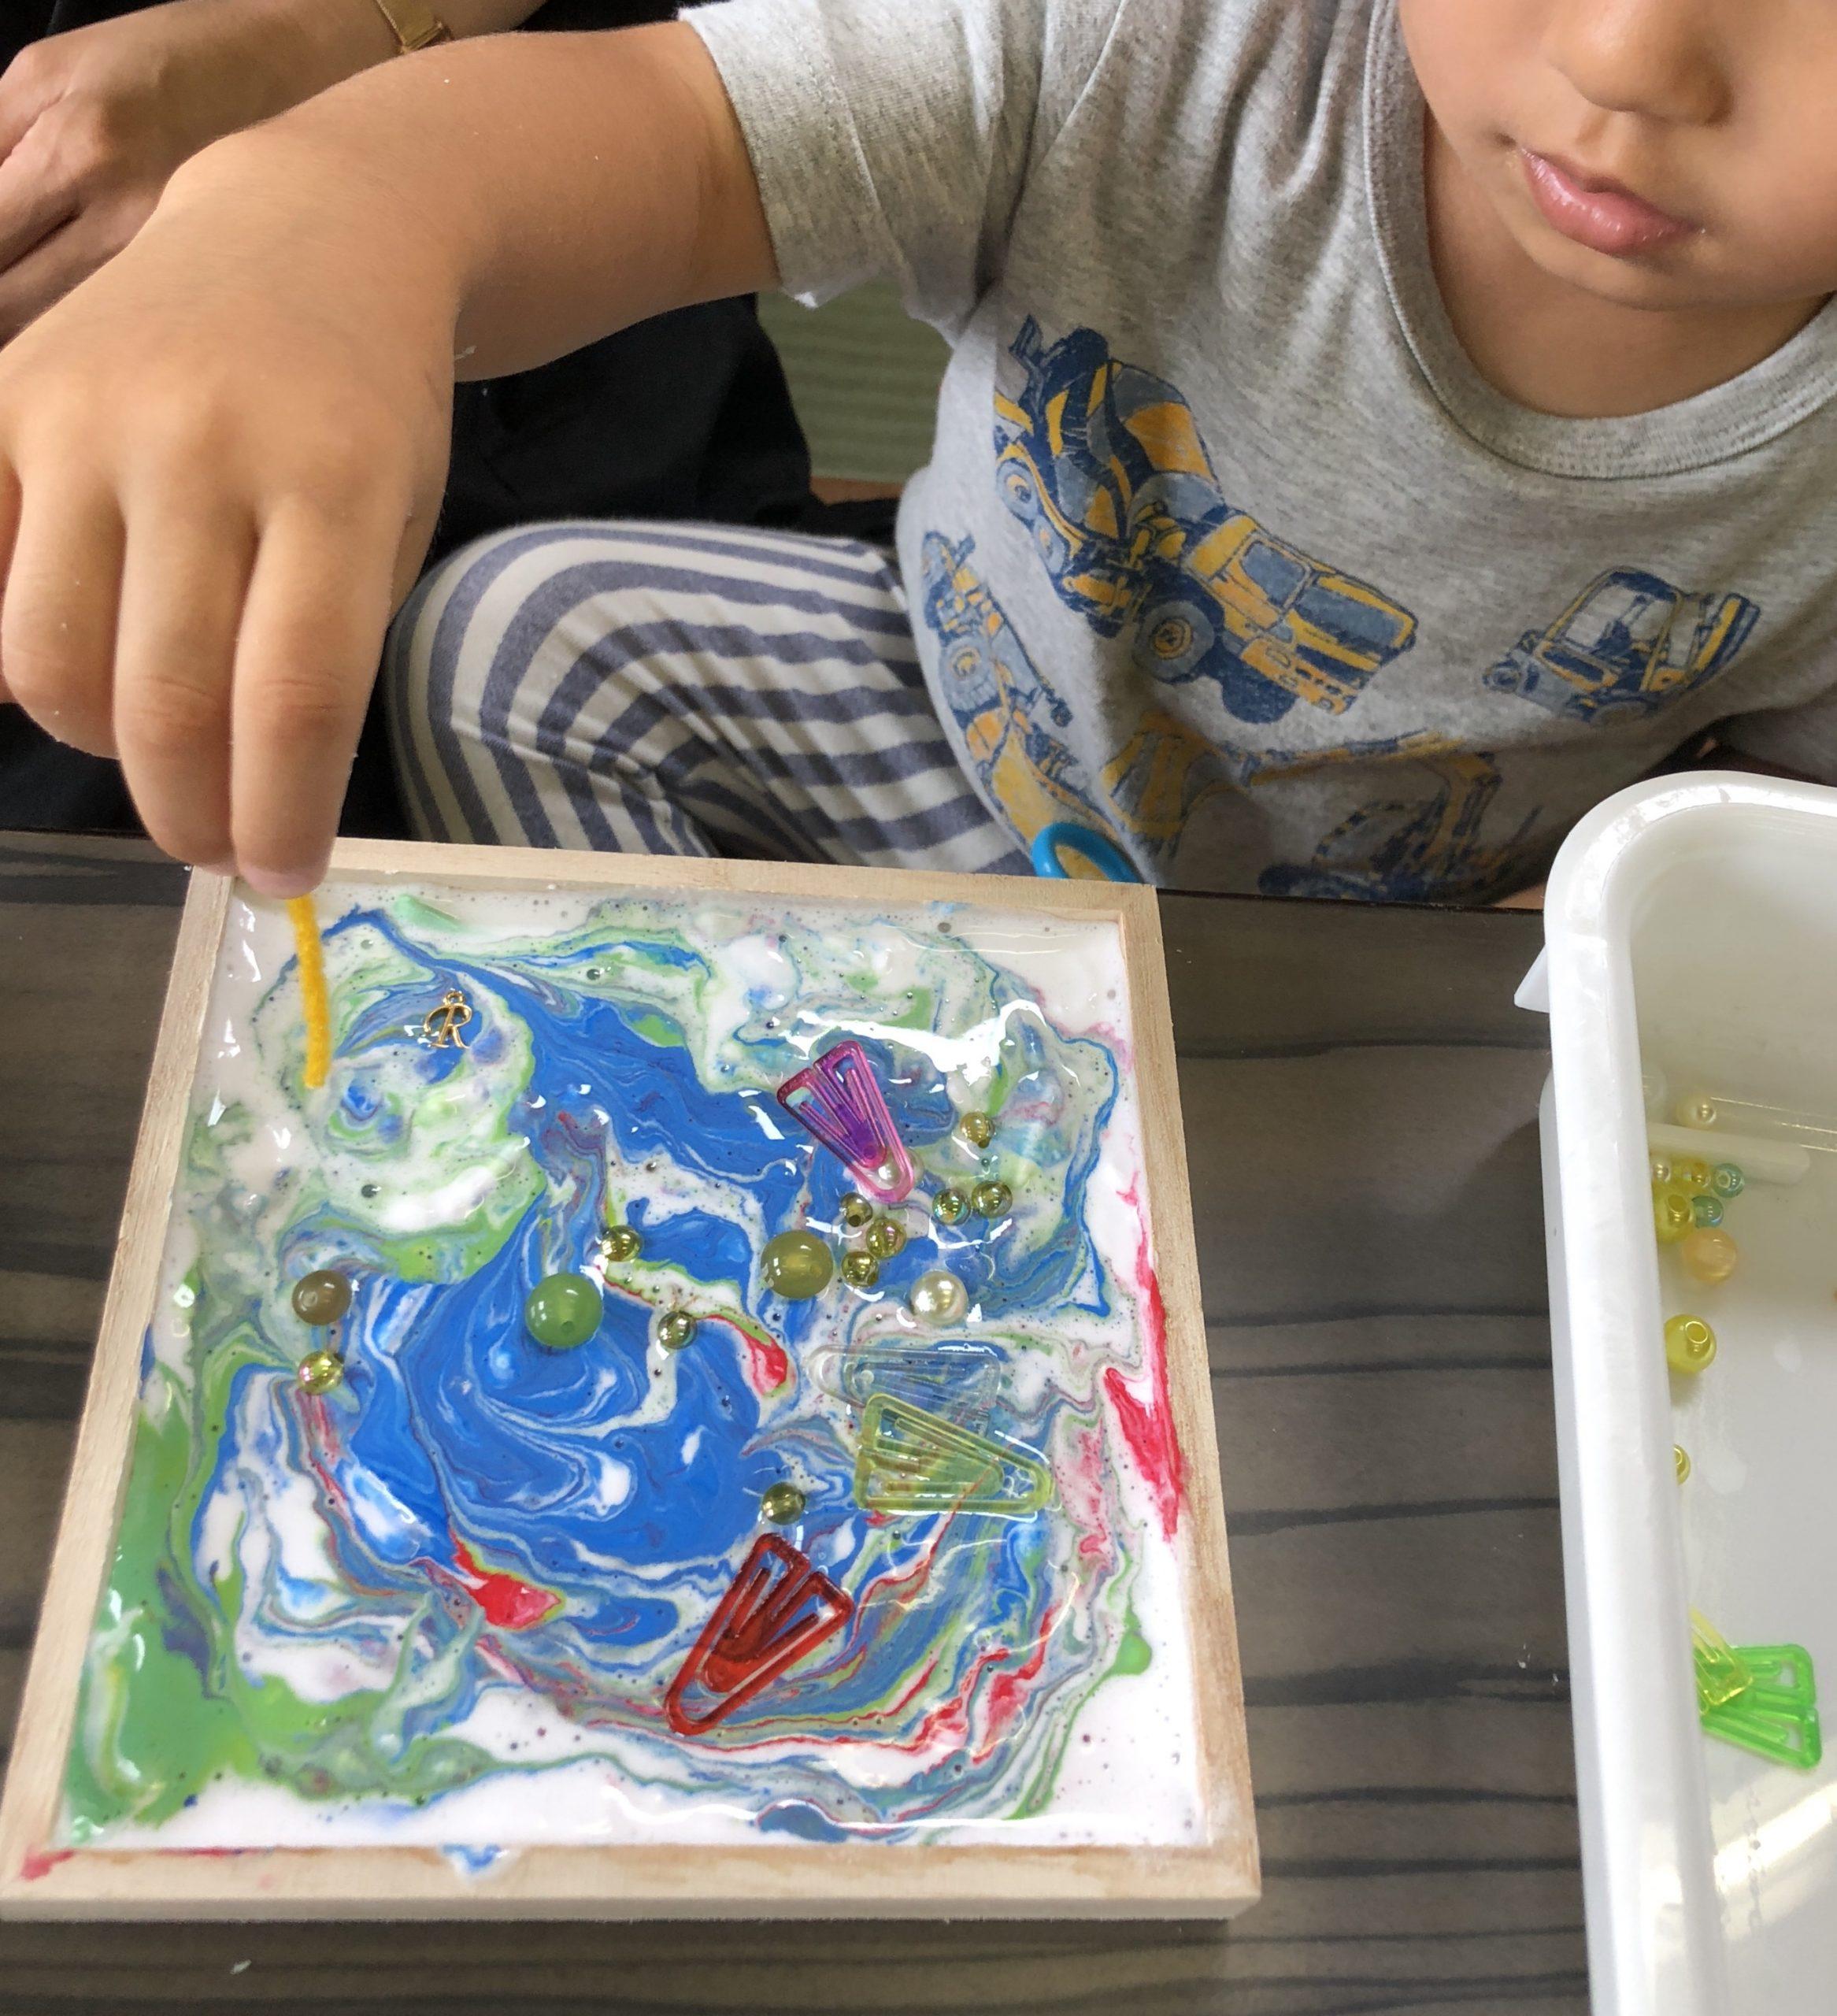 富士市の美術教室、富士市のこども美術教室、絵画・工作・デザイン・彫刻、未就園児教室、おやこ教室